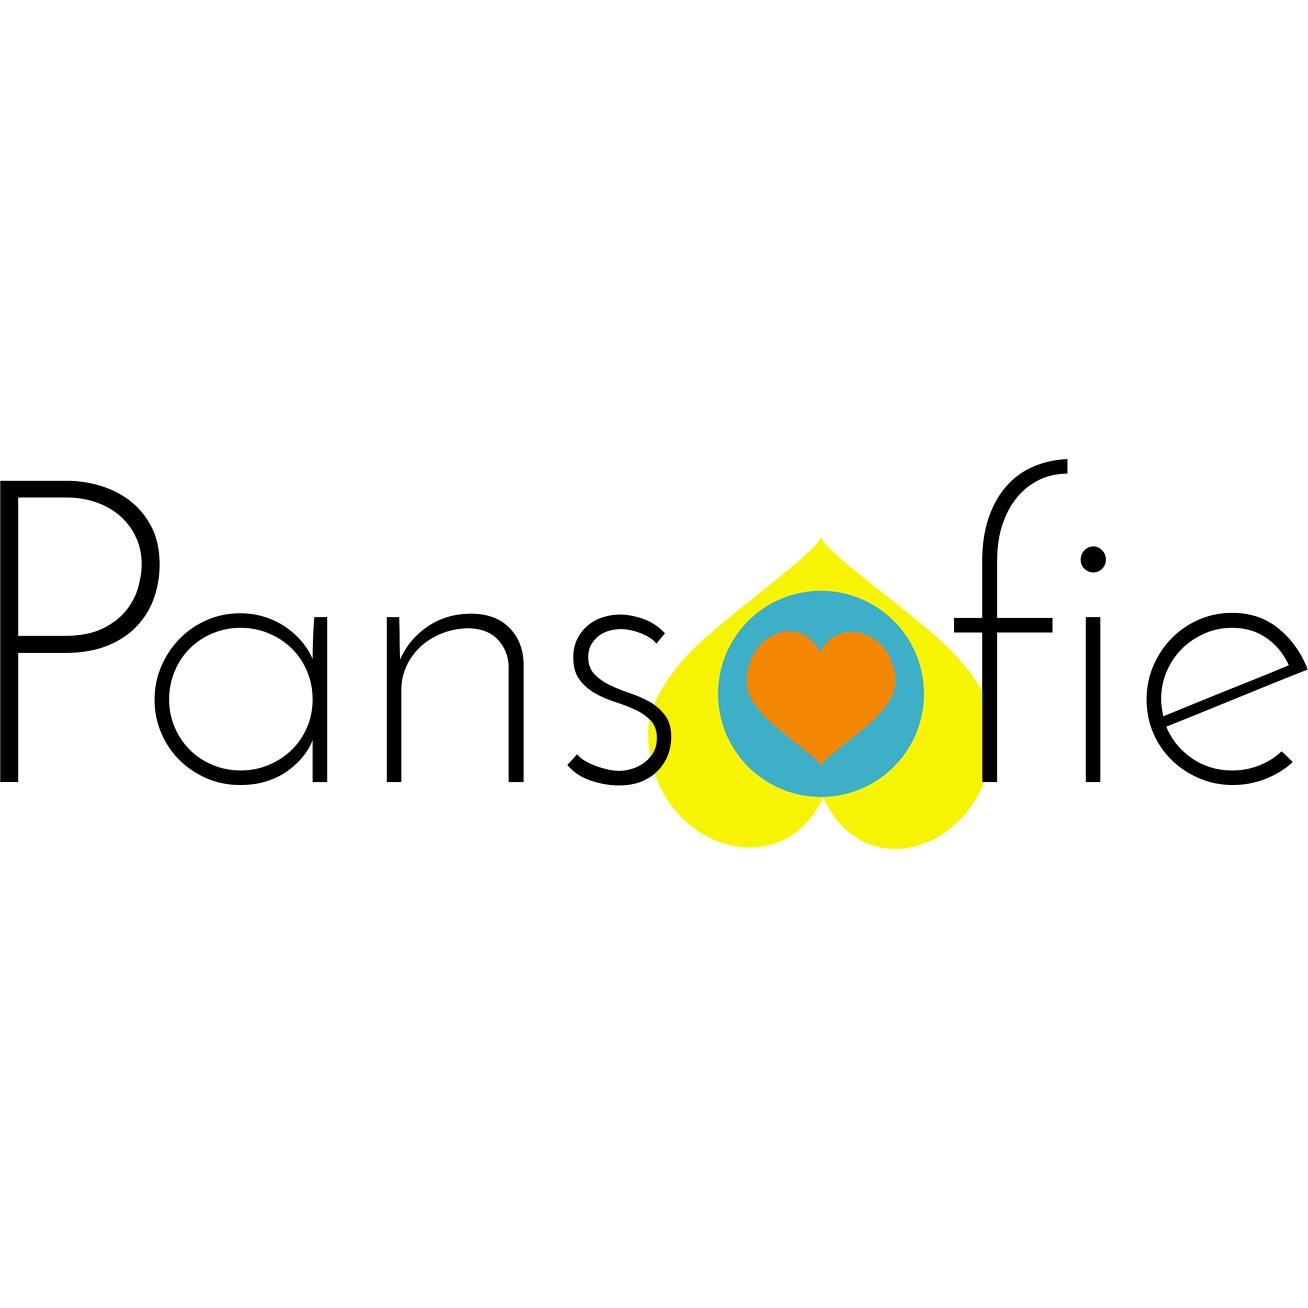 Kulturně vzdělávací centrum Pansofie, o.p.s.